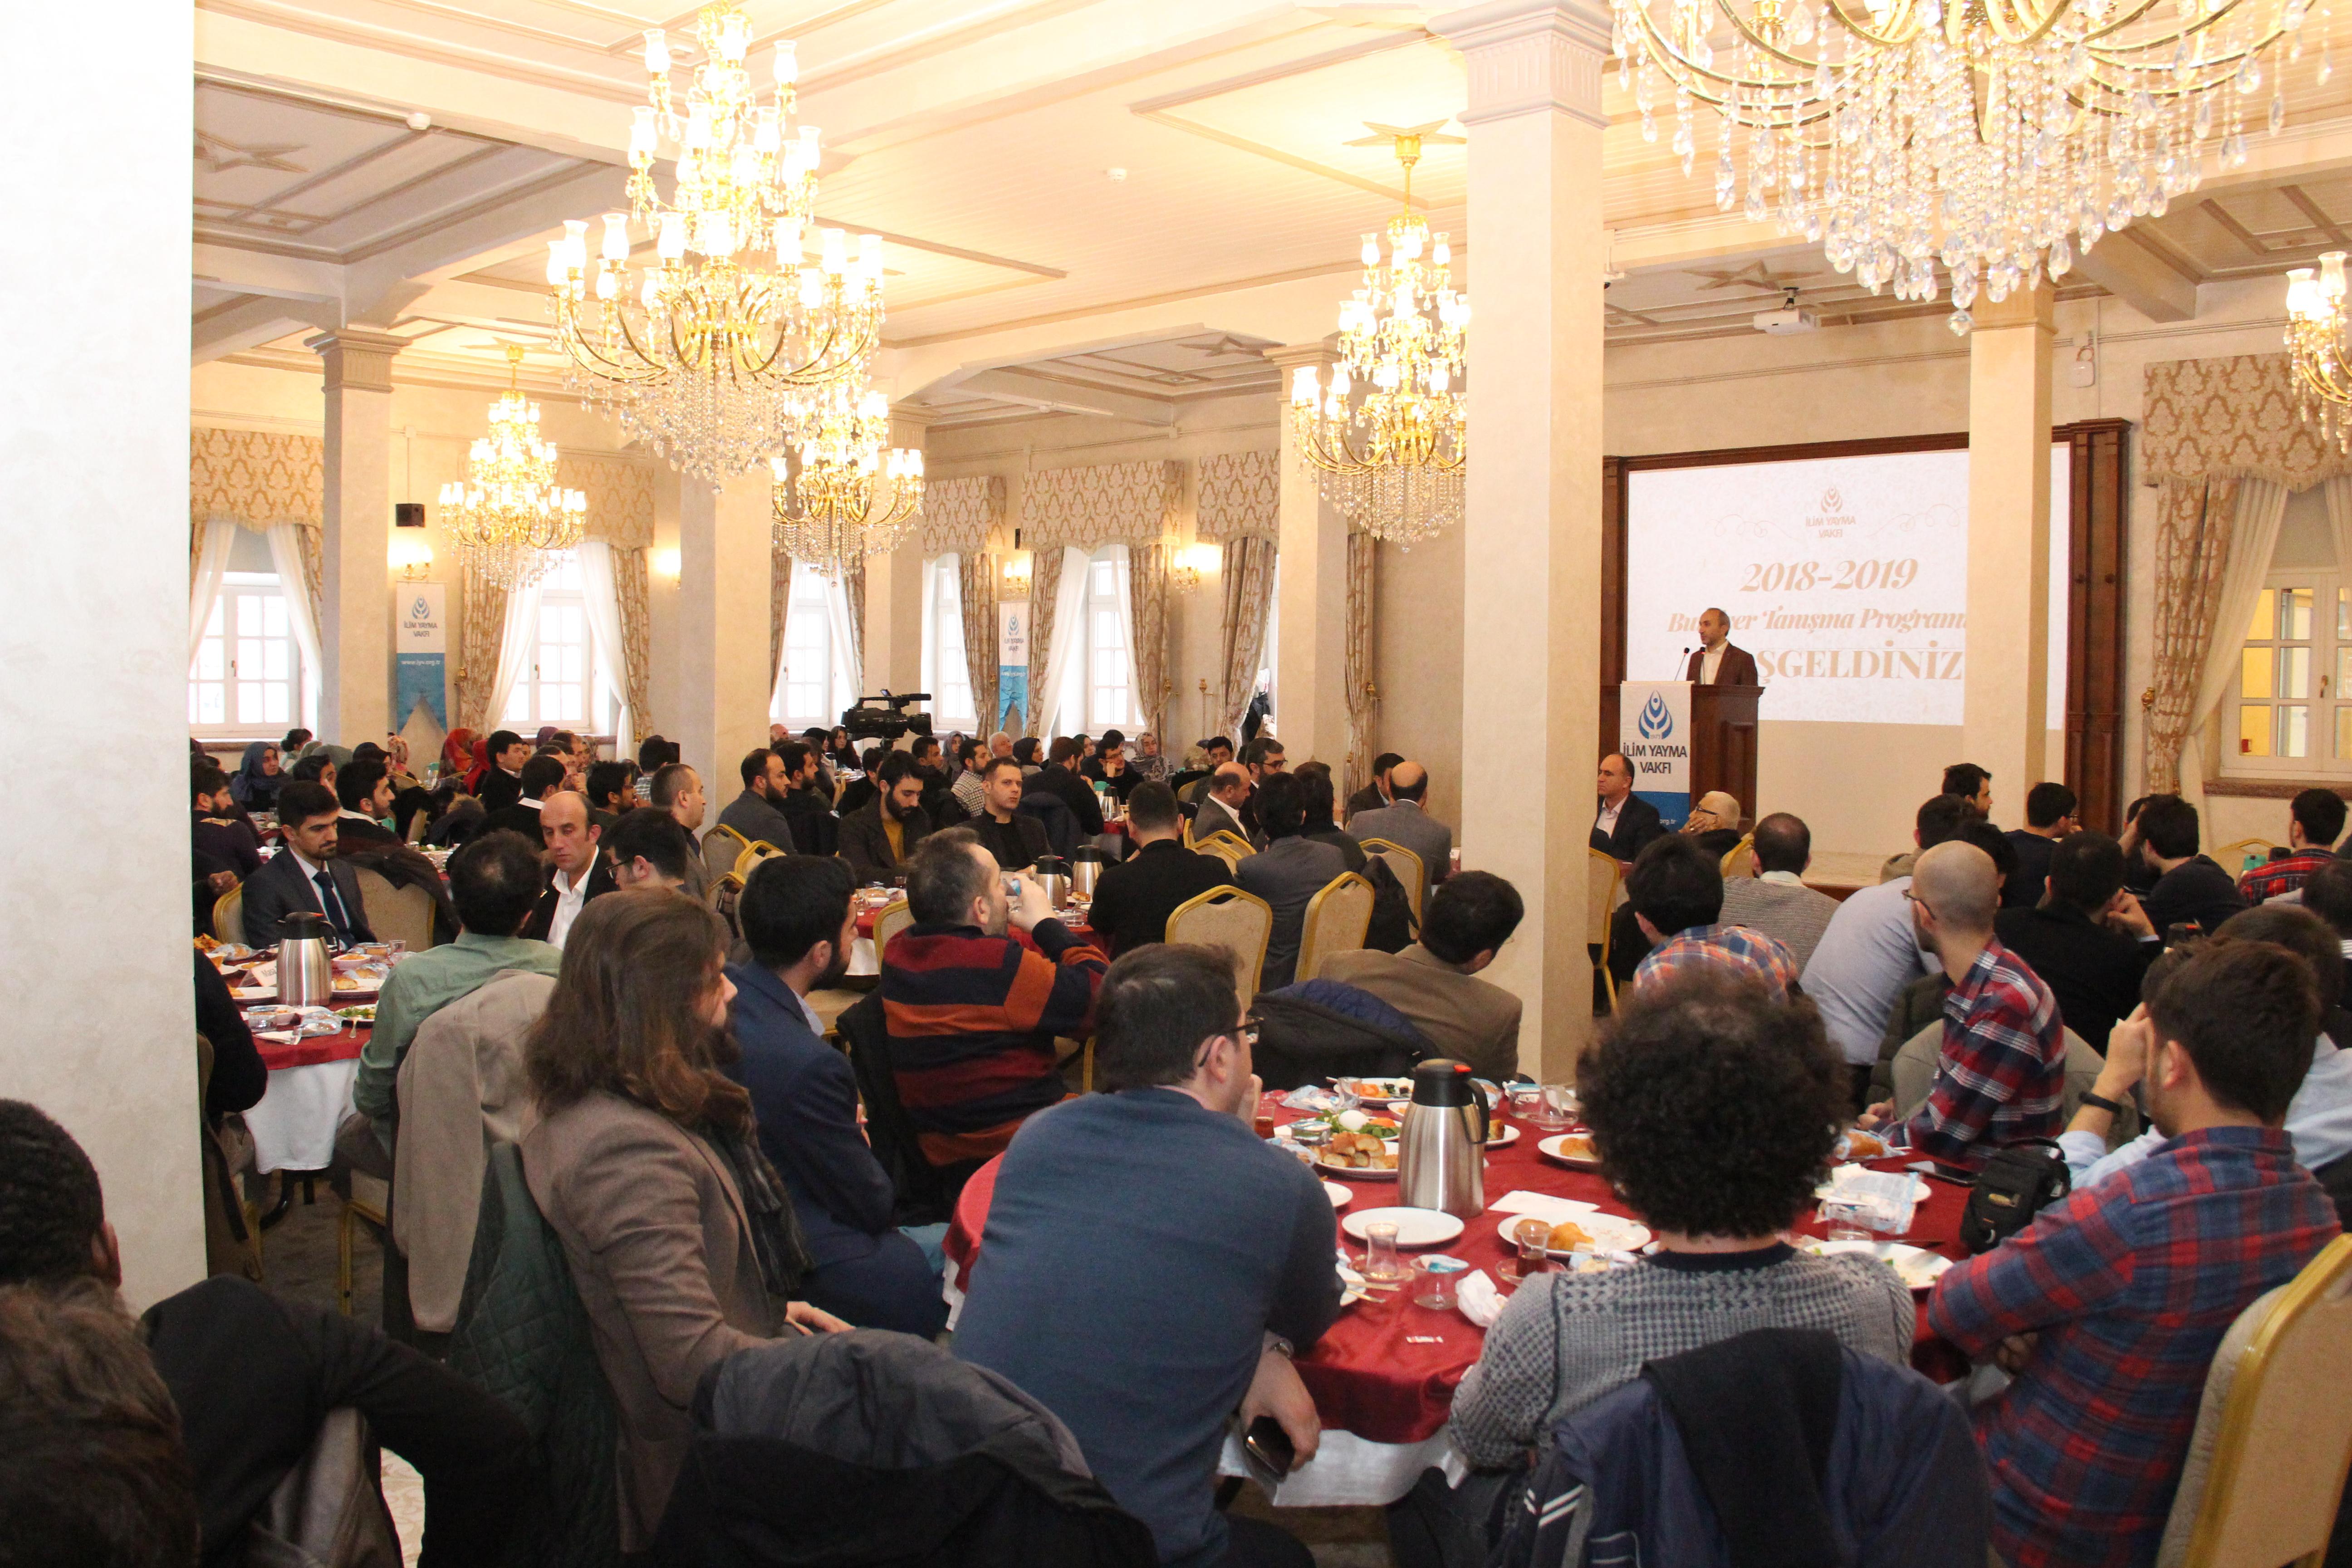 İlim Yayma Vakfı Genç Akademisyenler İle Tanışma Toplantısında Buluştu - Haberler - İlim Yayma Vakfı, İYV